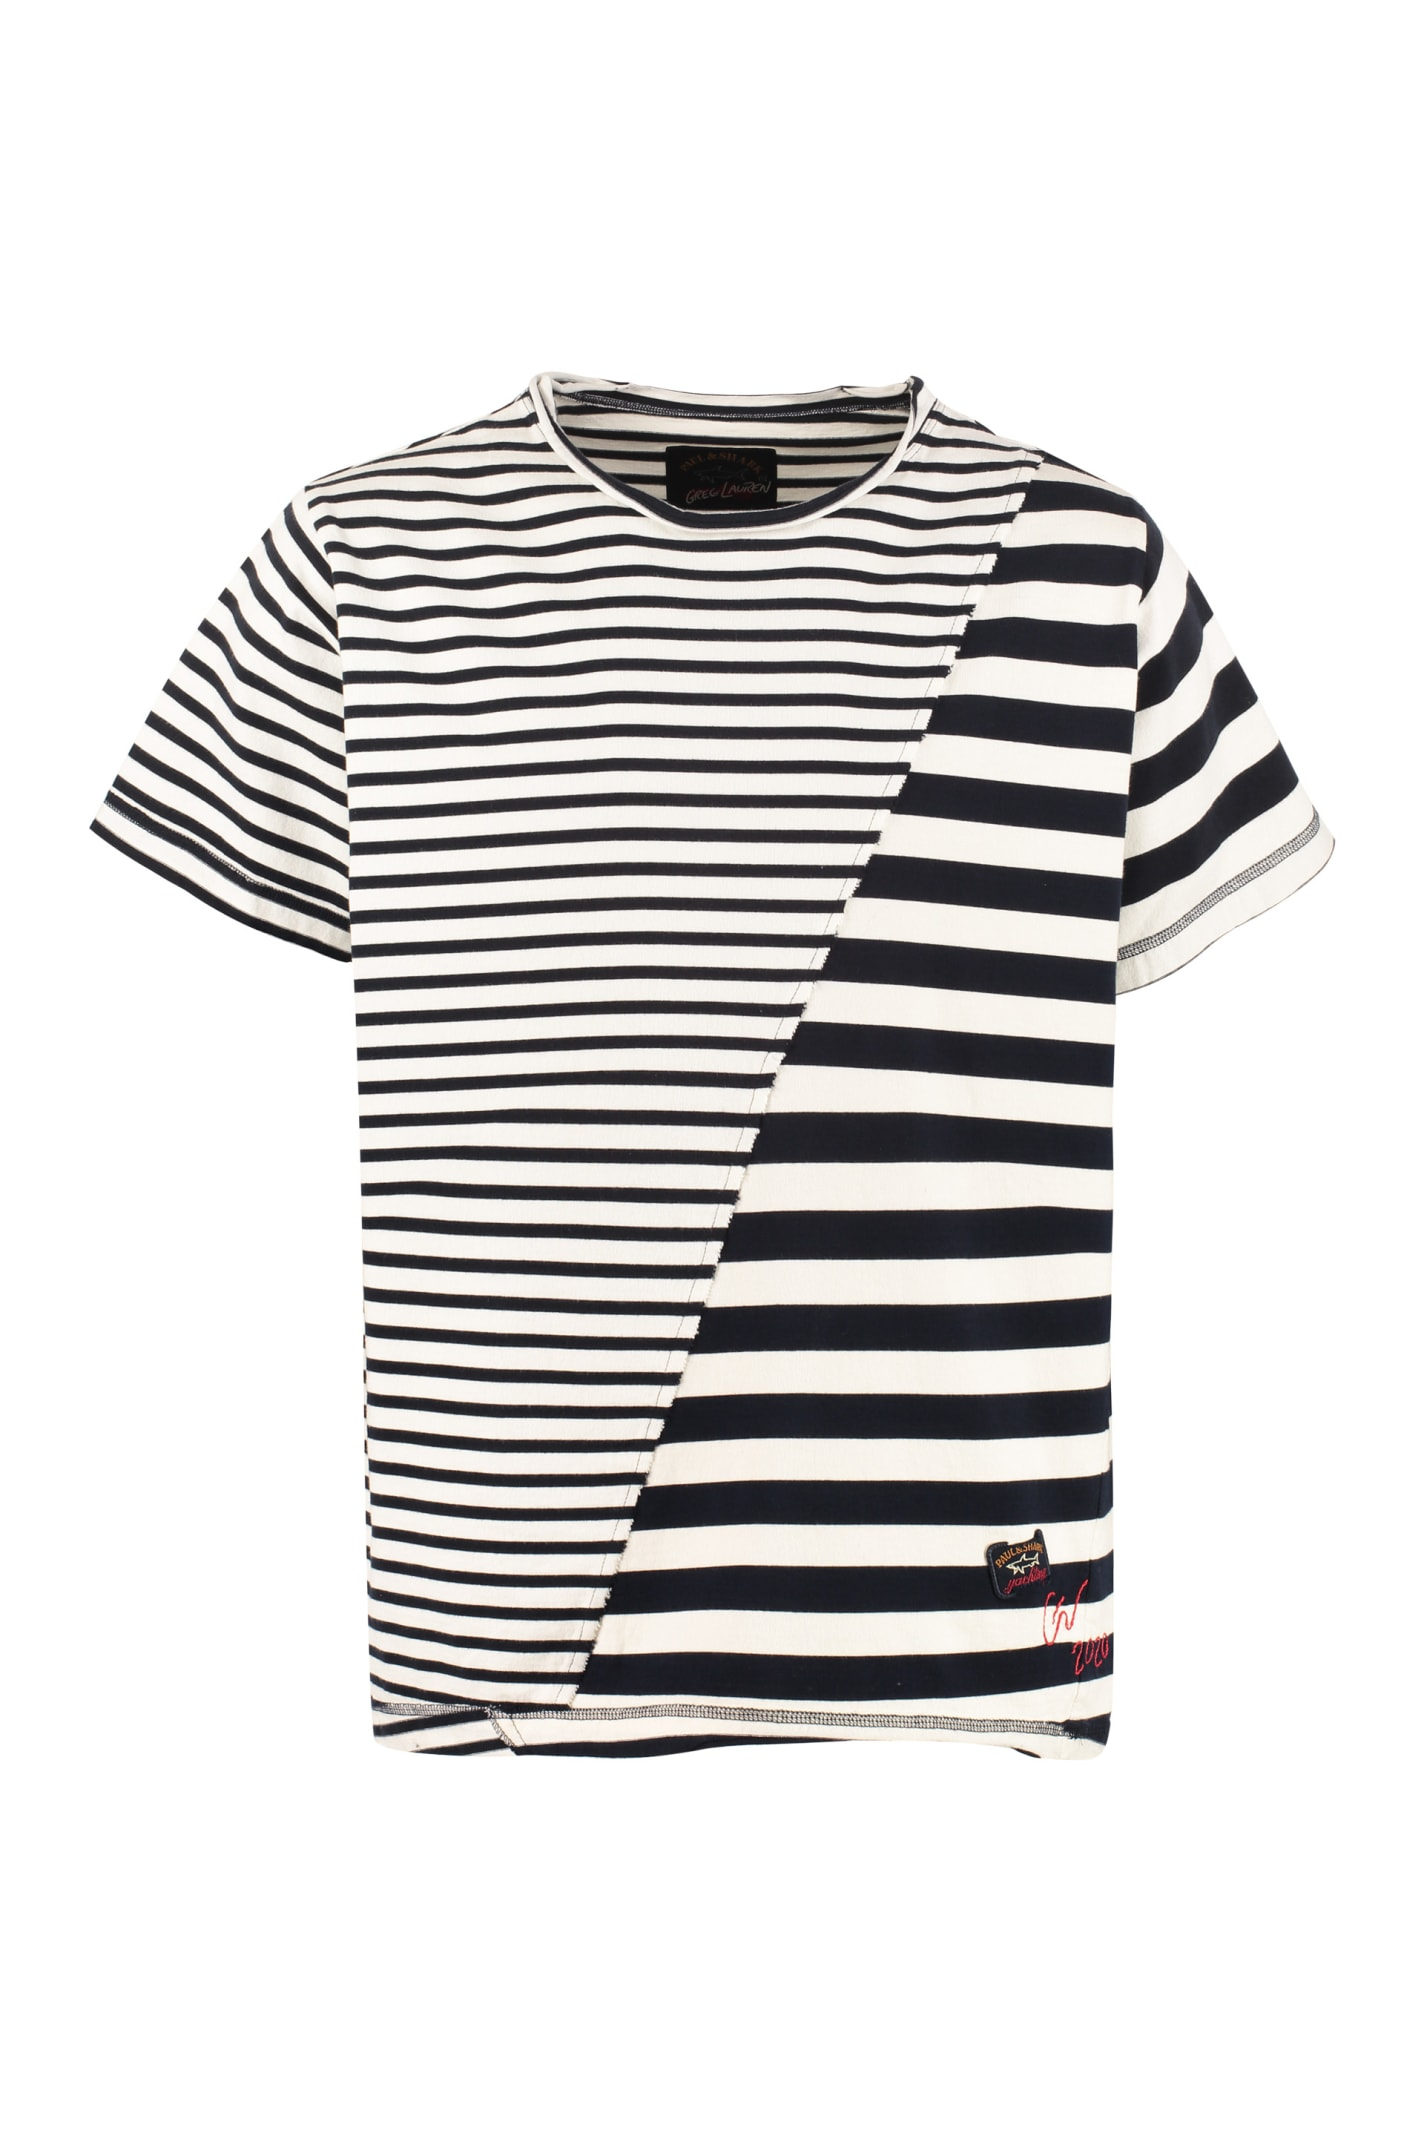 Greg Lauren Striped Cotton T-shirt